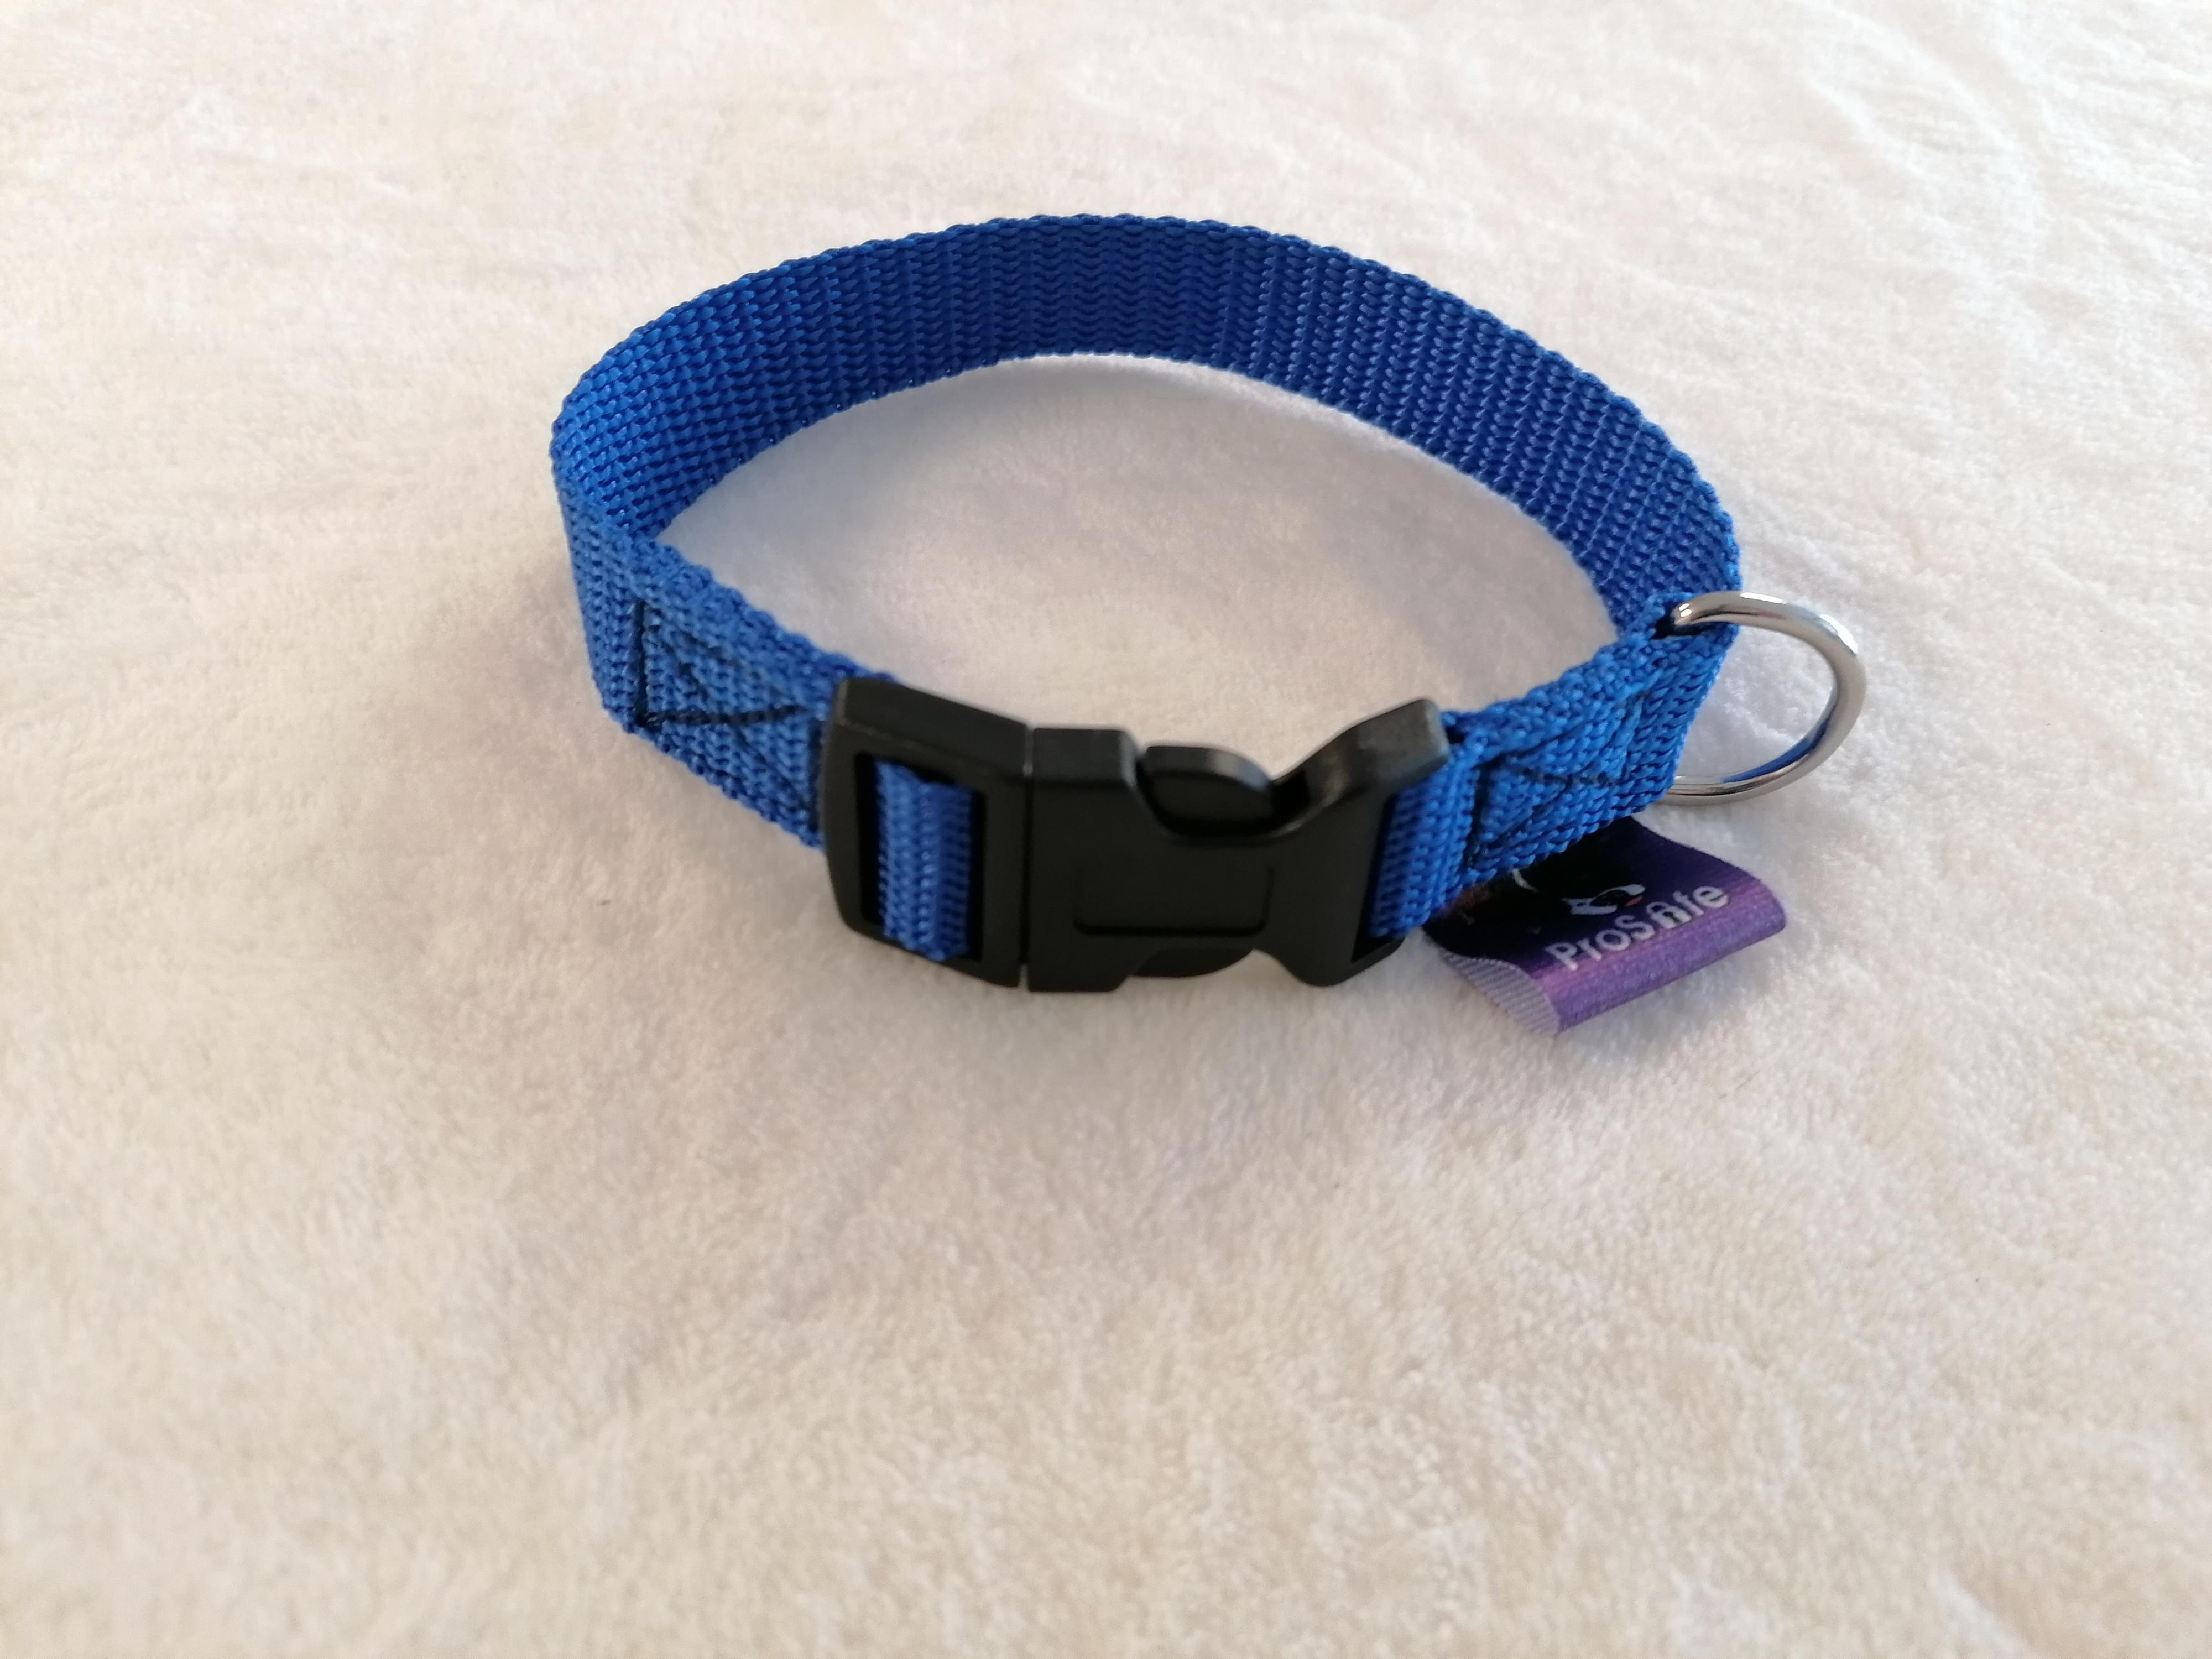 ProSafe Halsband, Gurtband